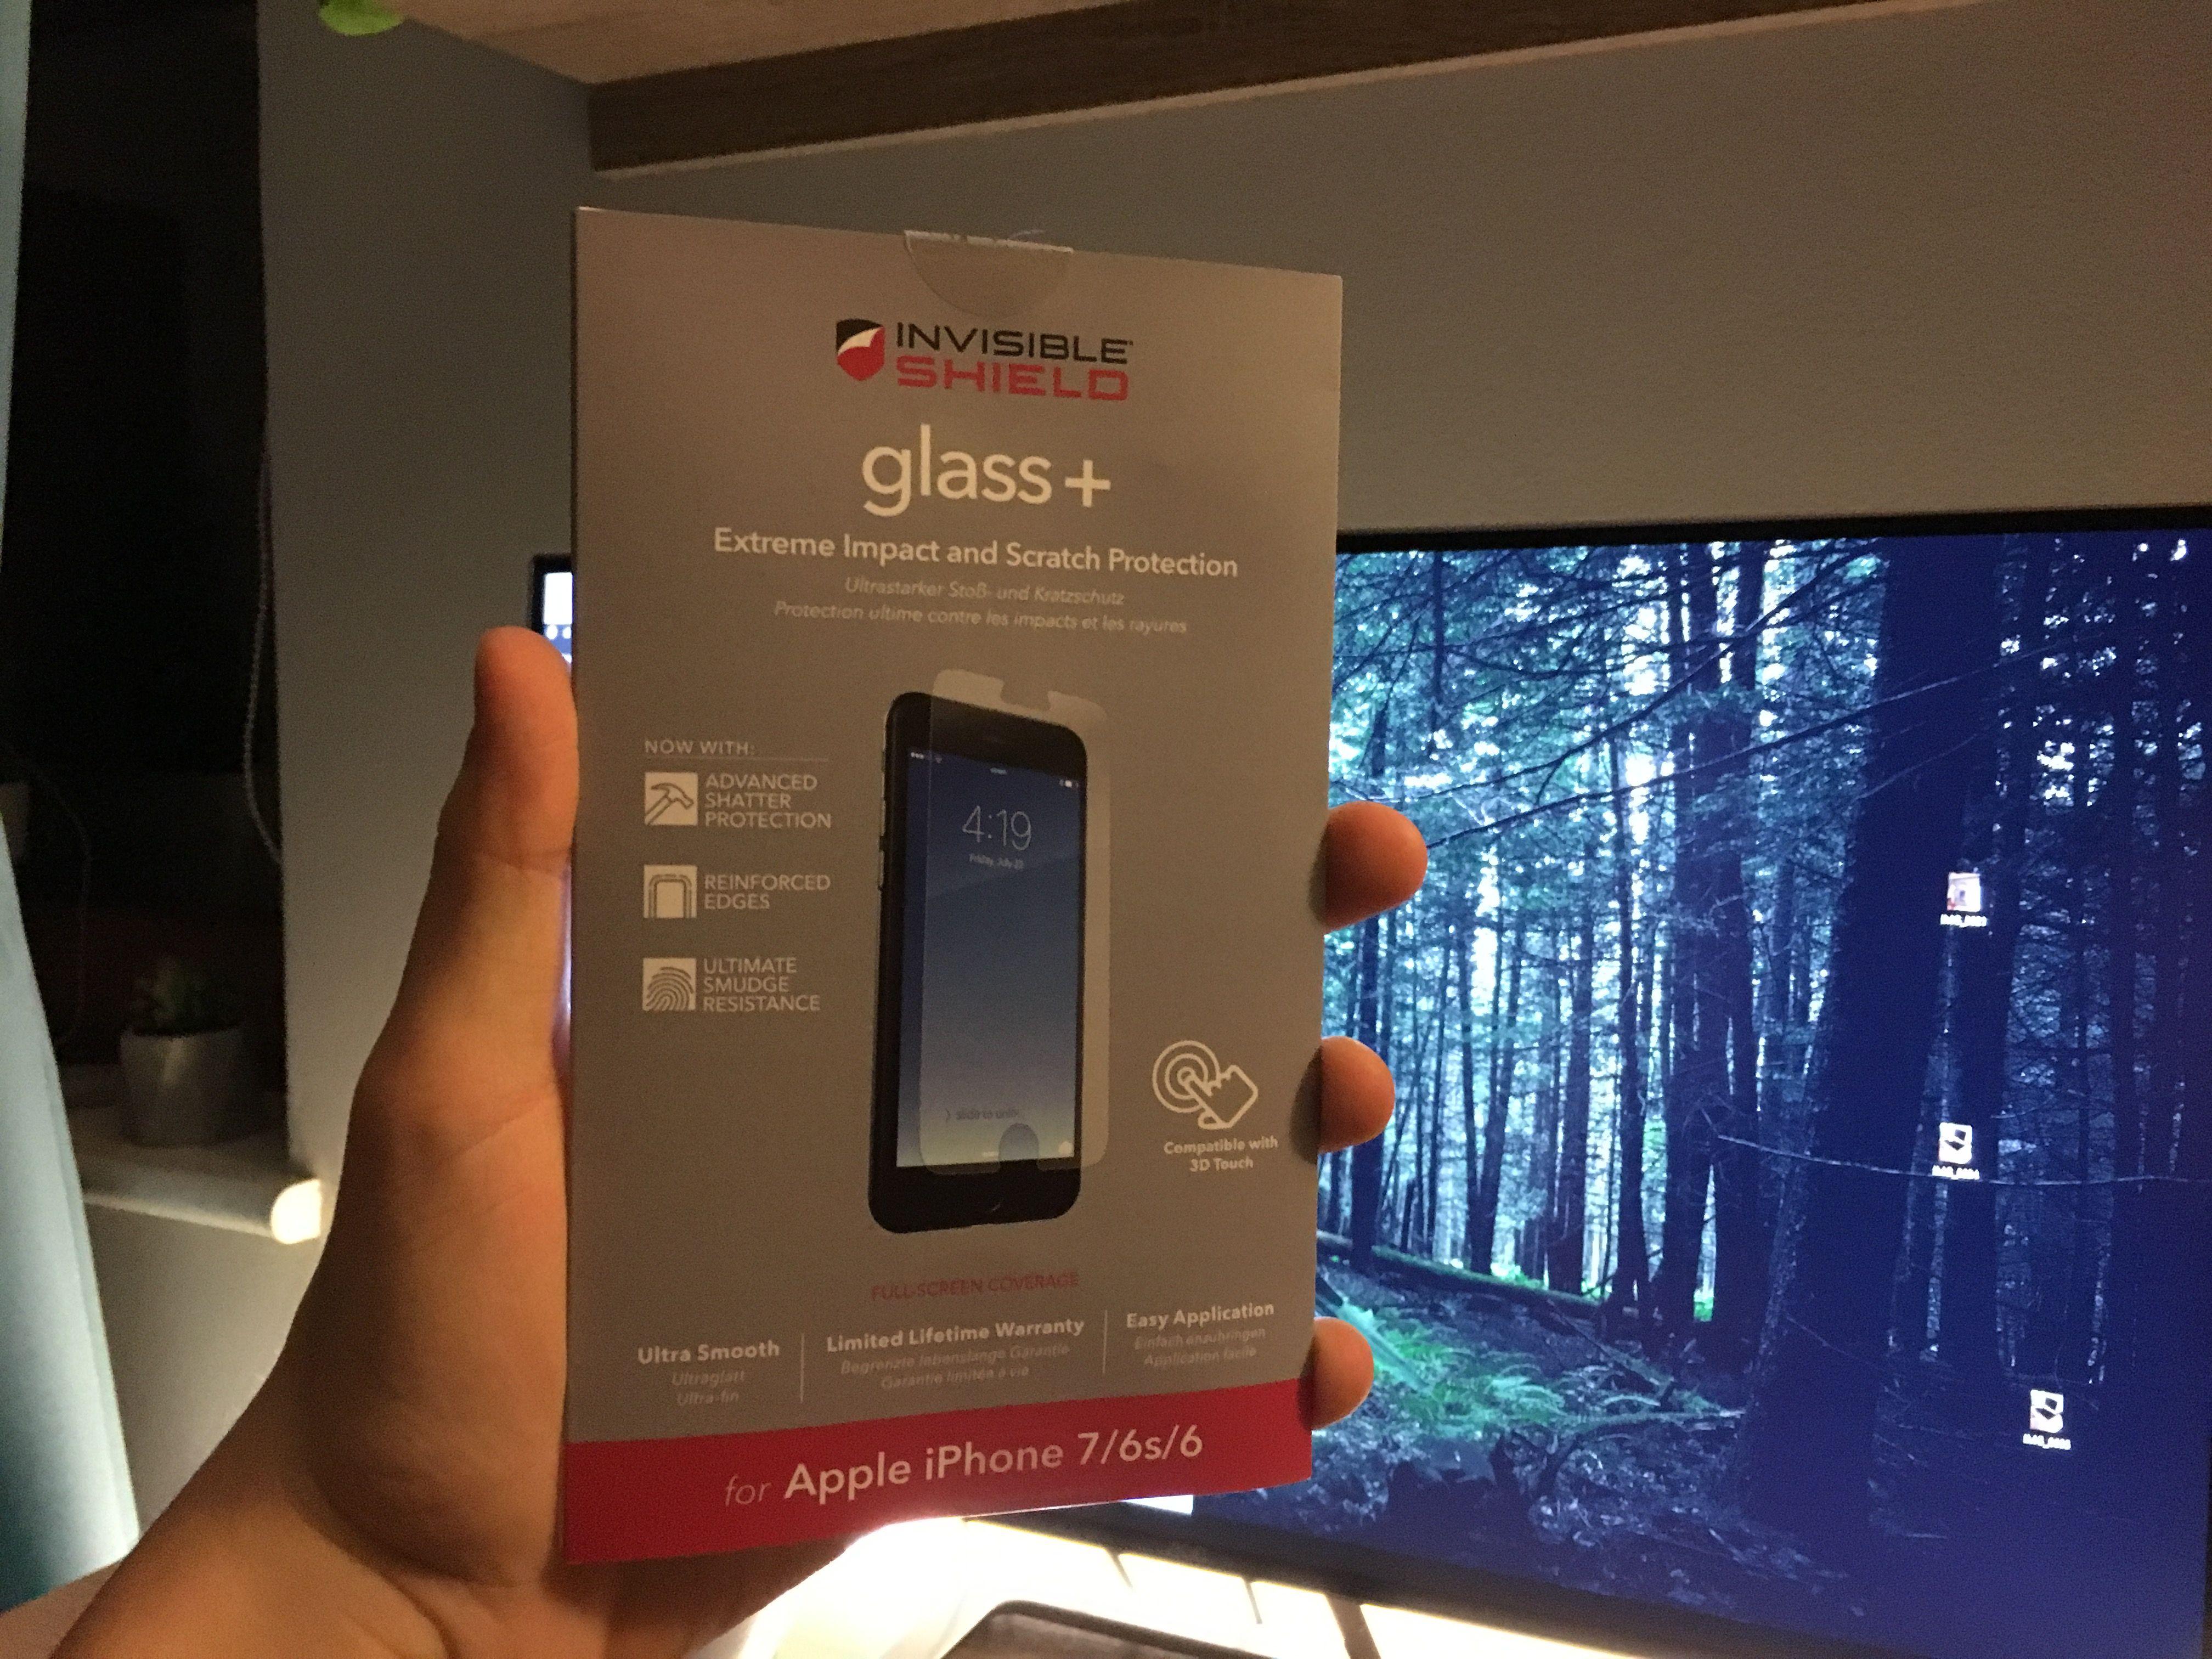 Szklany protektor na ekran dla iPhone'a dla wymagających – Recenzja INVISIBLE SHIELD GLASS+